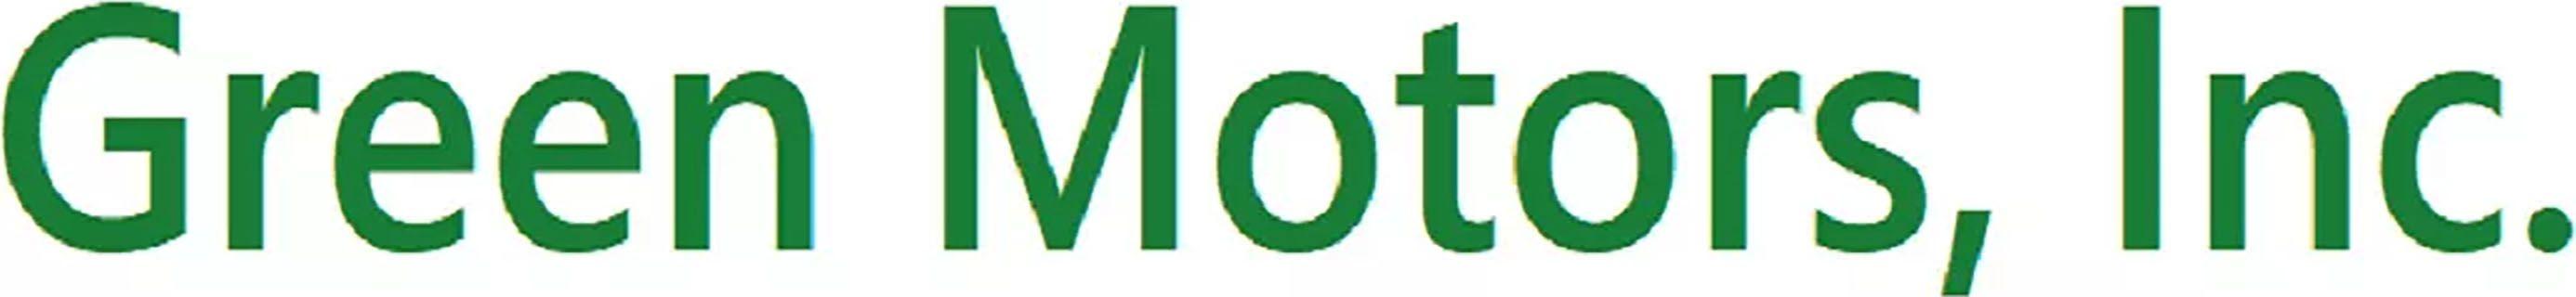 Green Motors Inc.